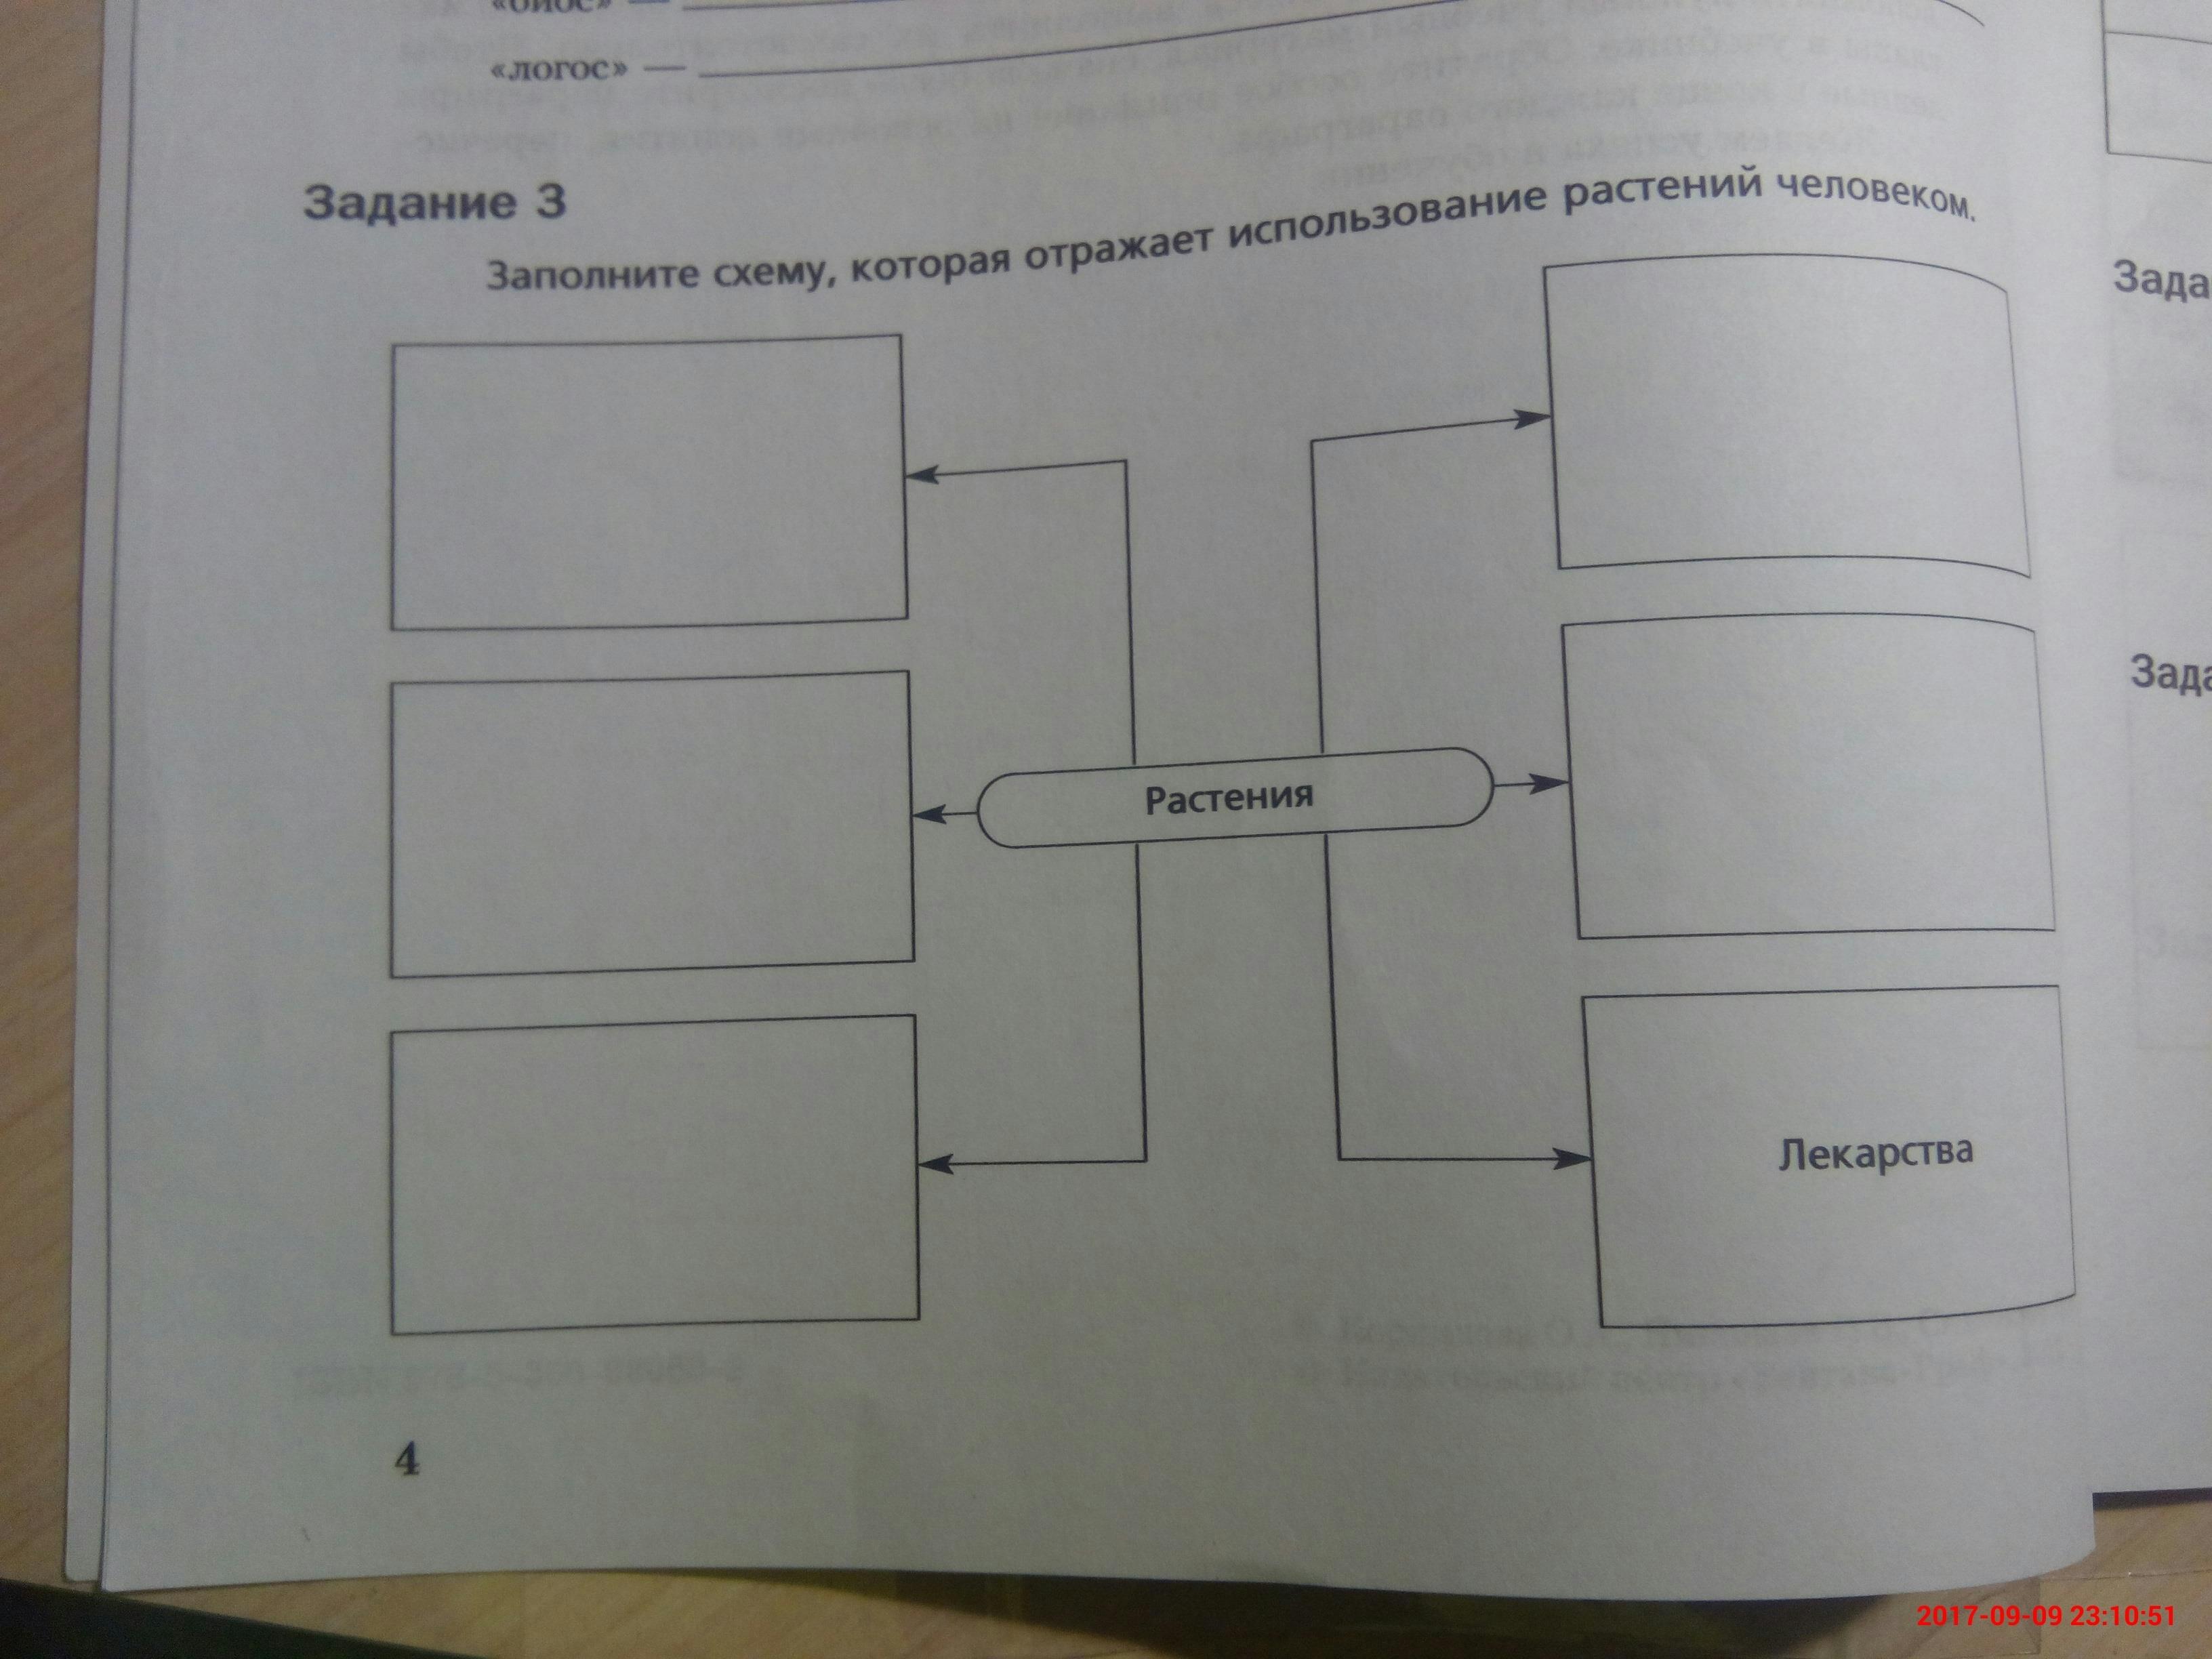 Схема которая отражает использование растений